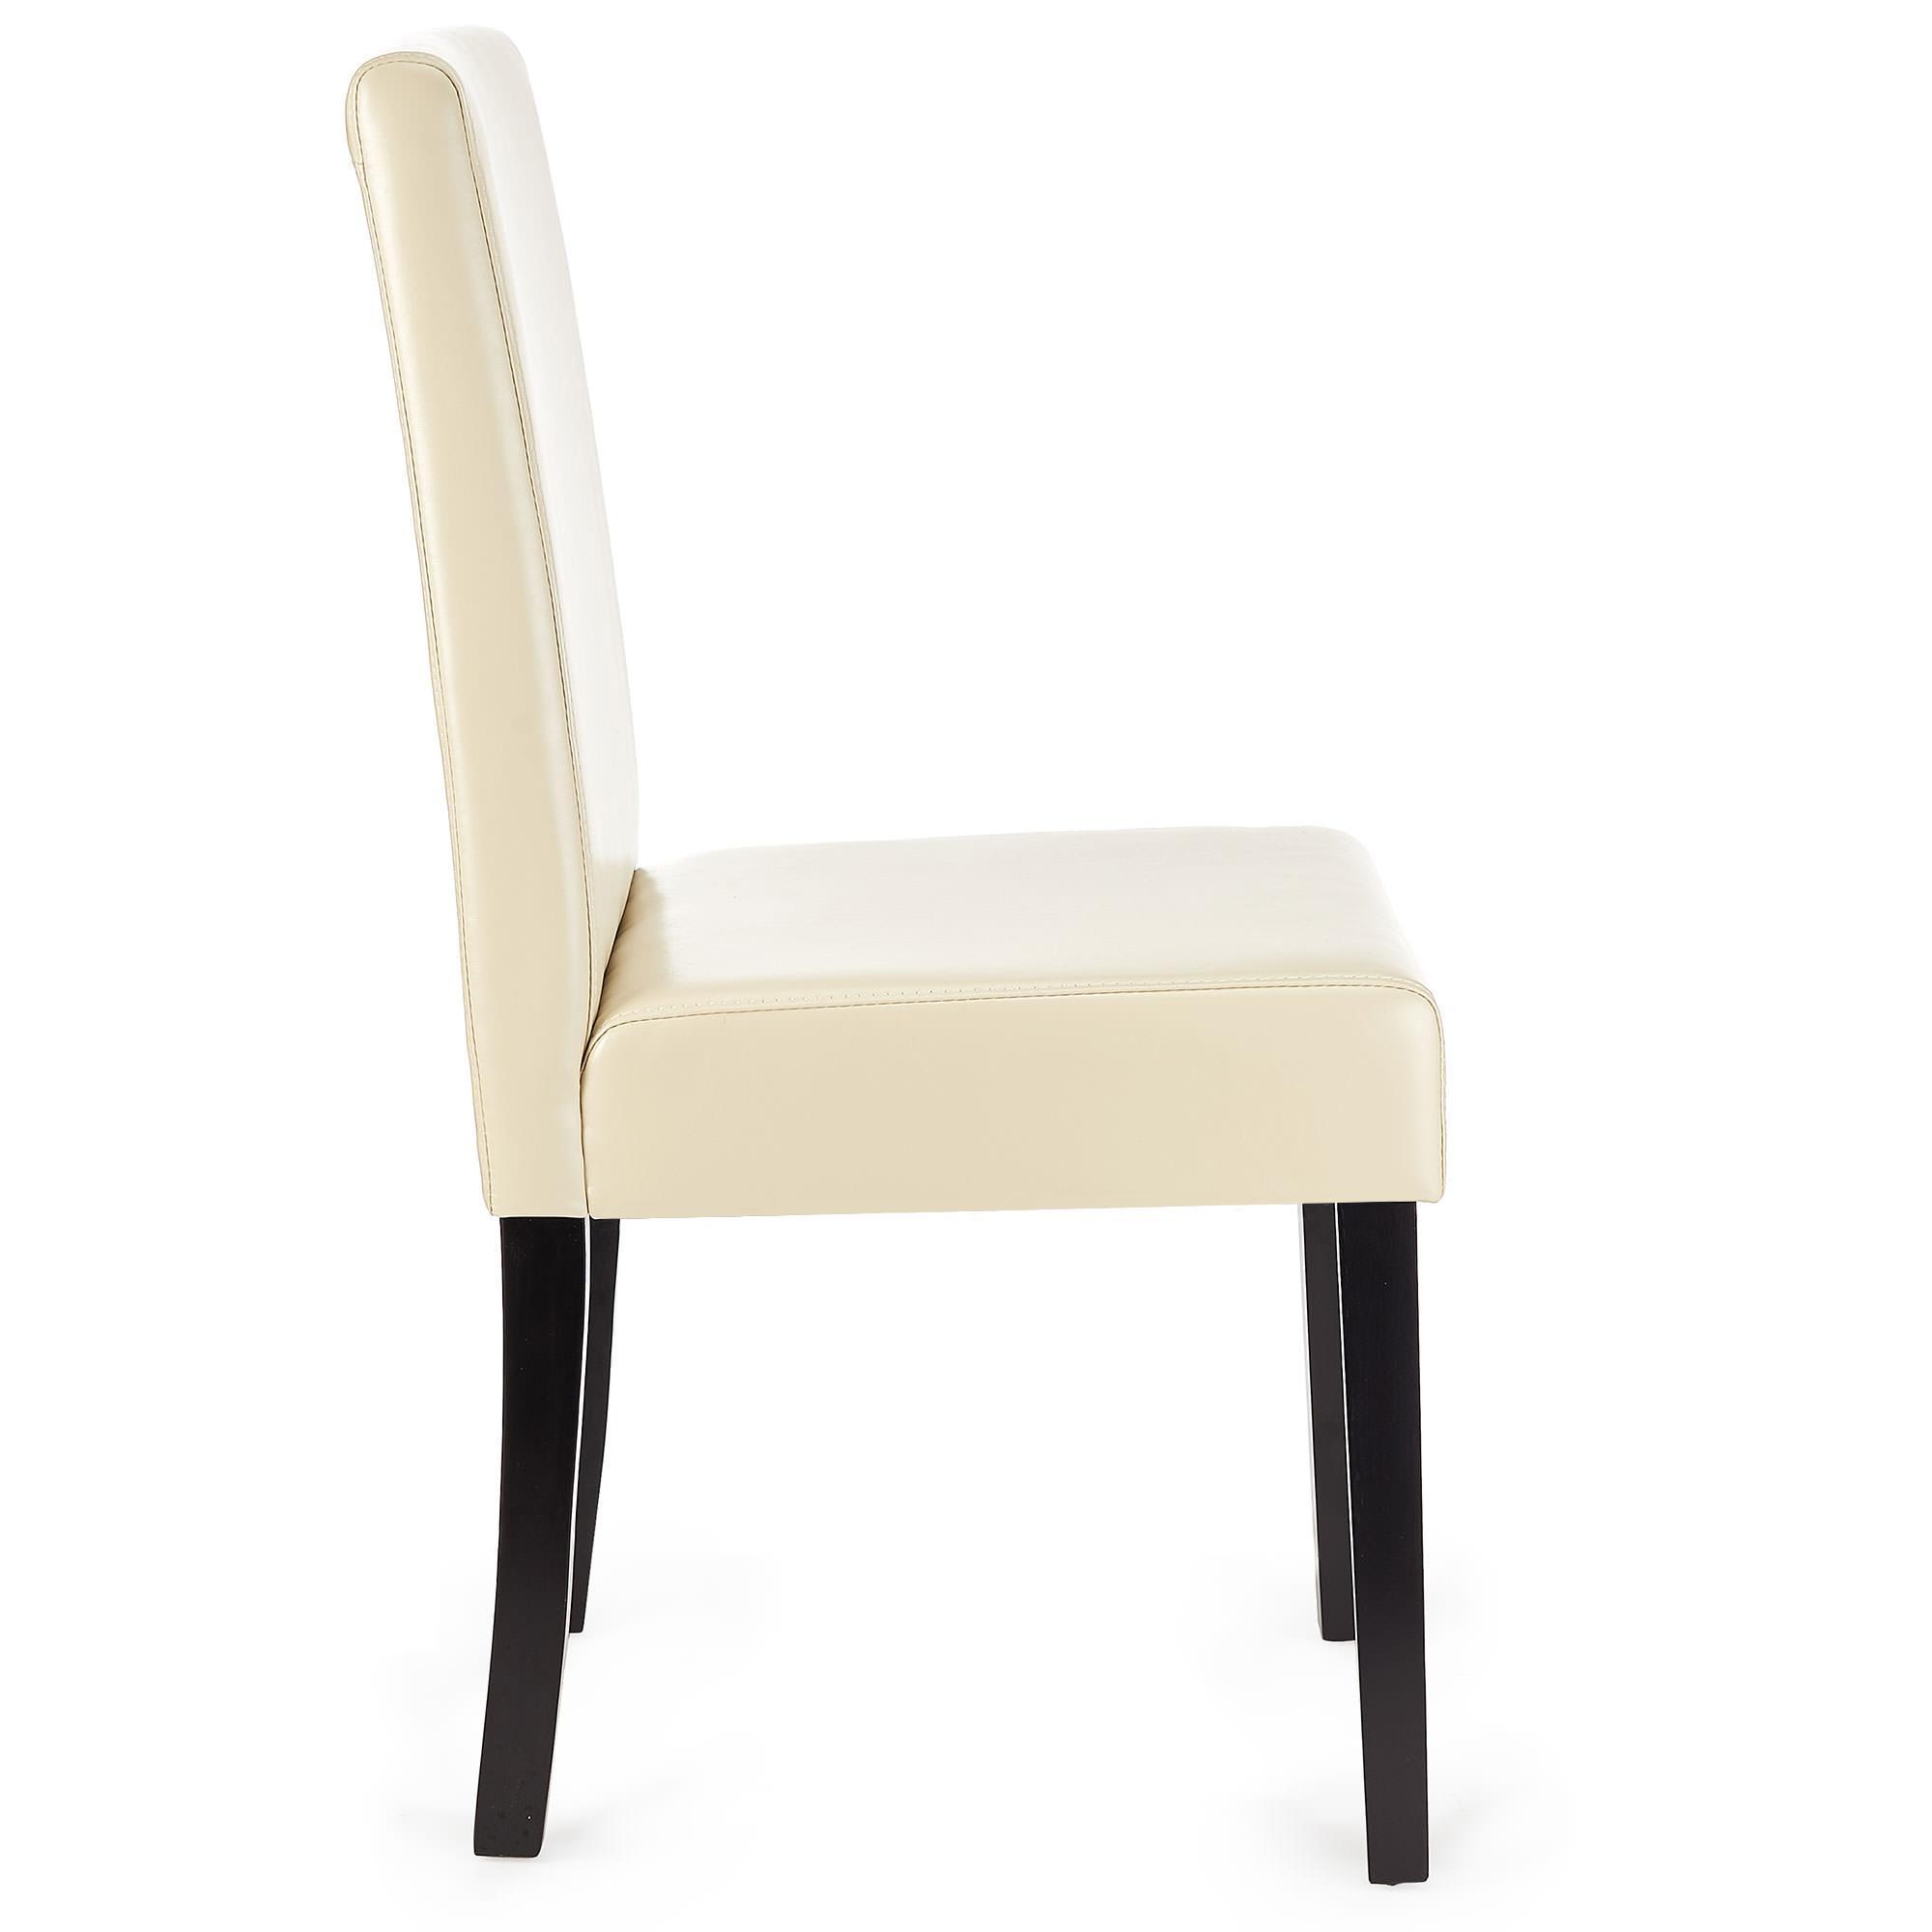 Lote 6 sillas m01 madera y polipiel crema patas oscuras for Sillas de colores para comedor